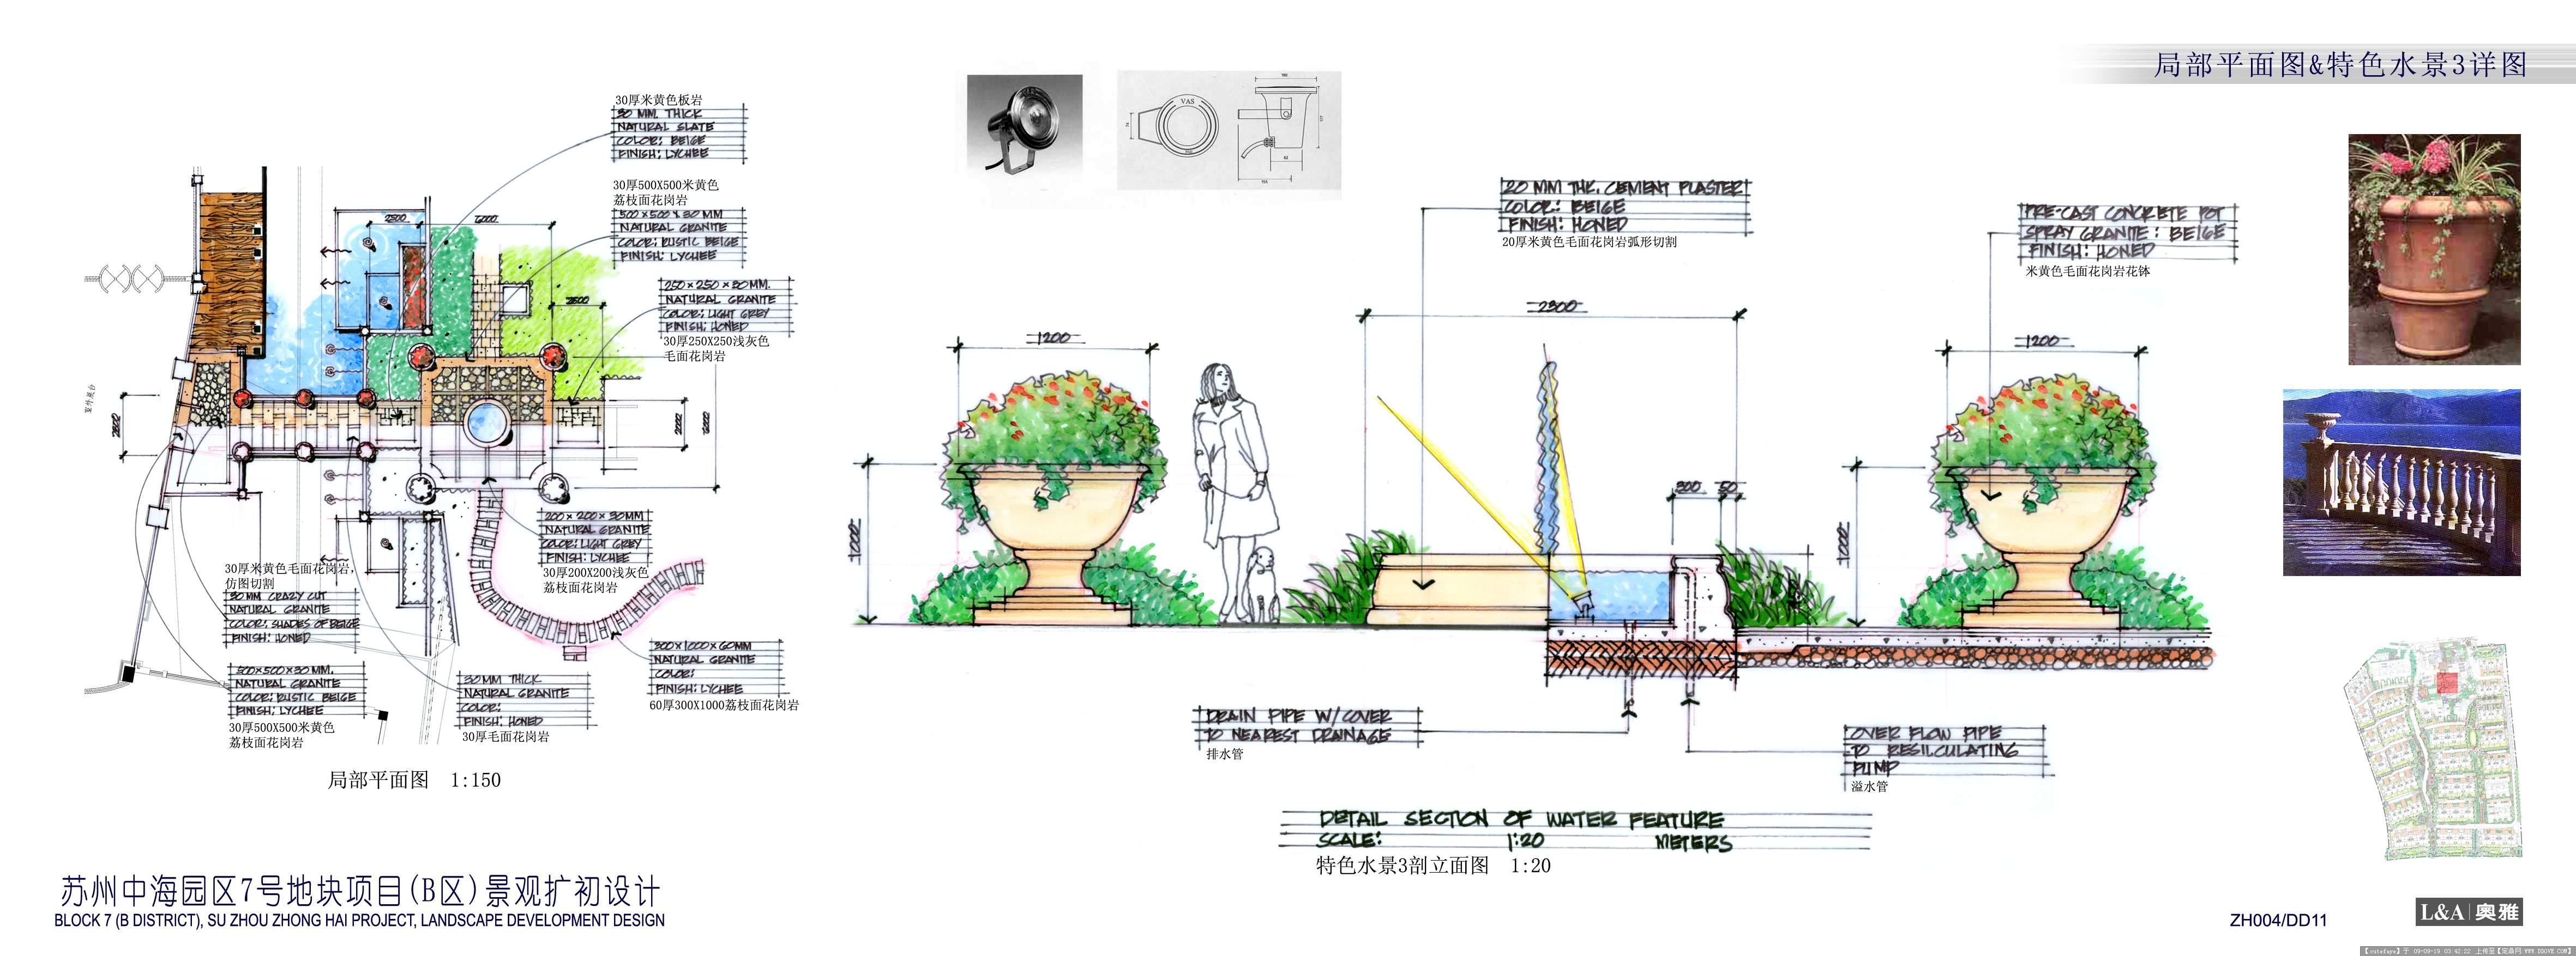 苏州某小区景观扩初手绘文本-dd11特色水景3.